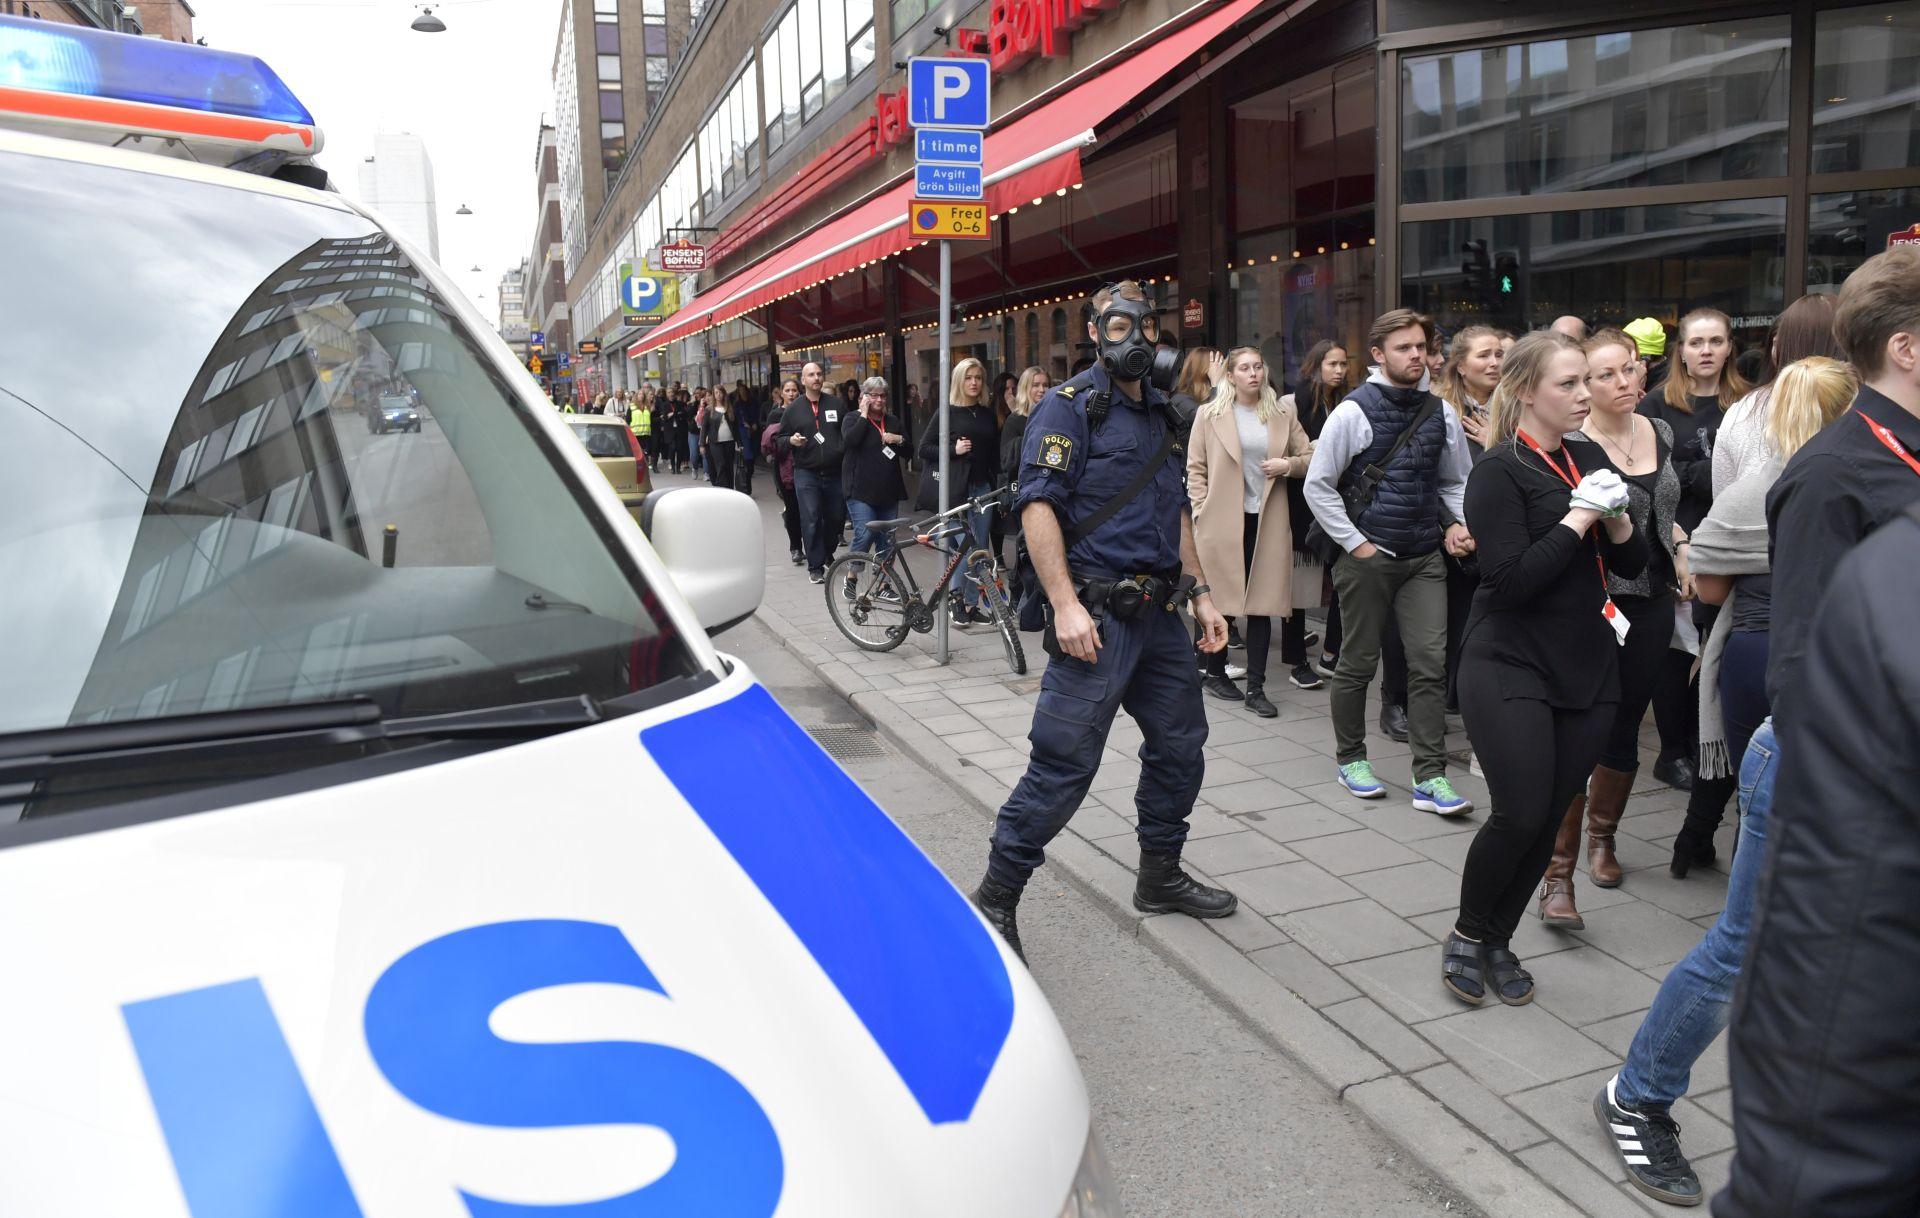 TERORISTIČKI NAPAD: Sedam osoba na ispitivanju zbog napada kamionom u Švedskoj